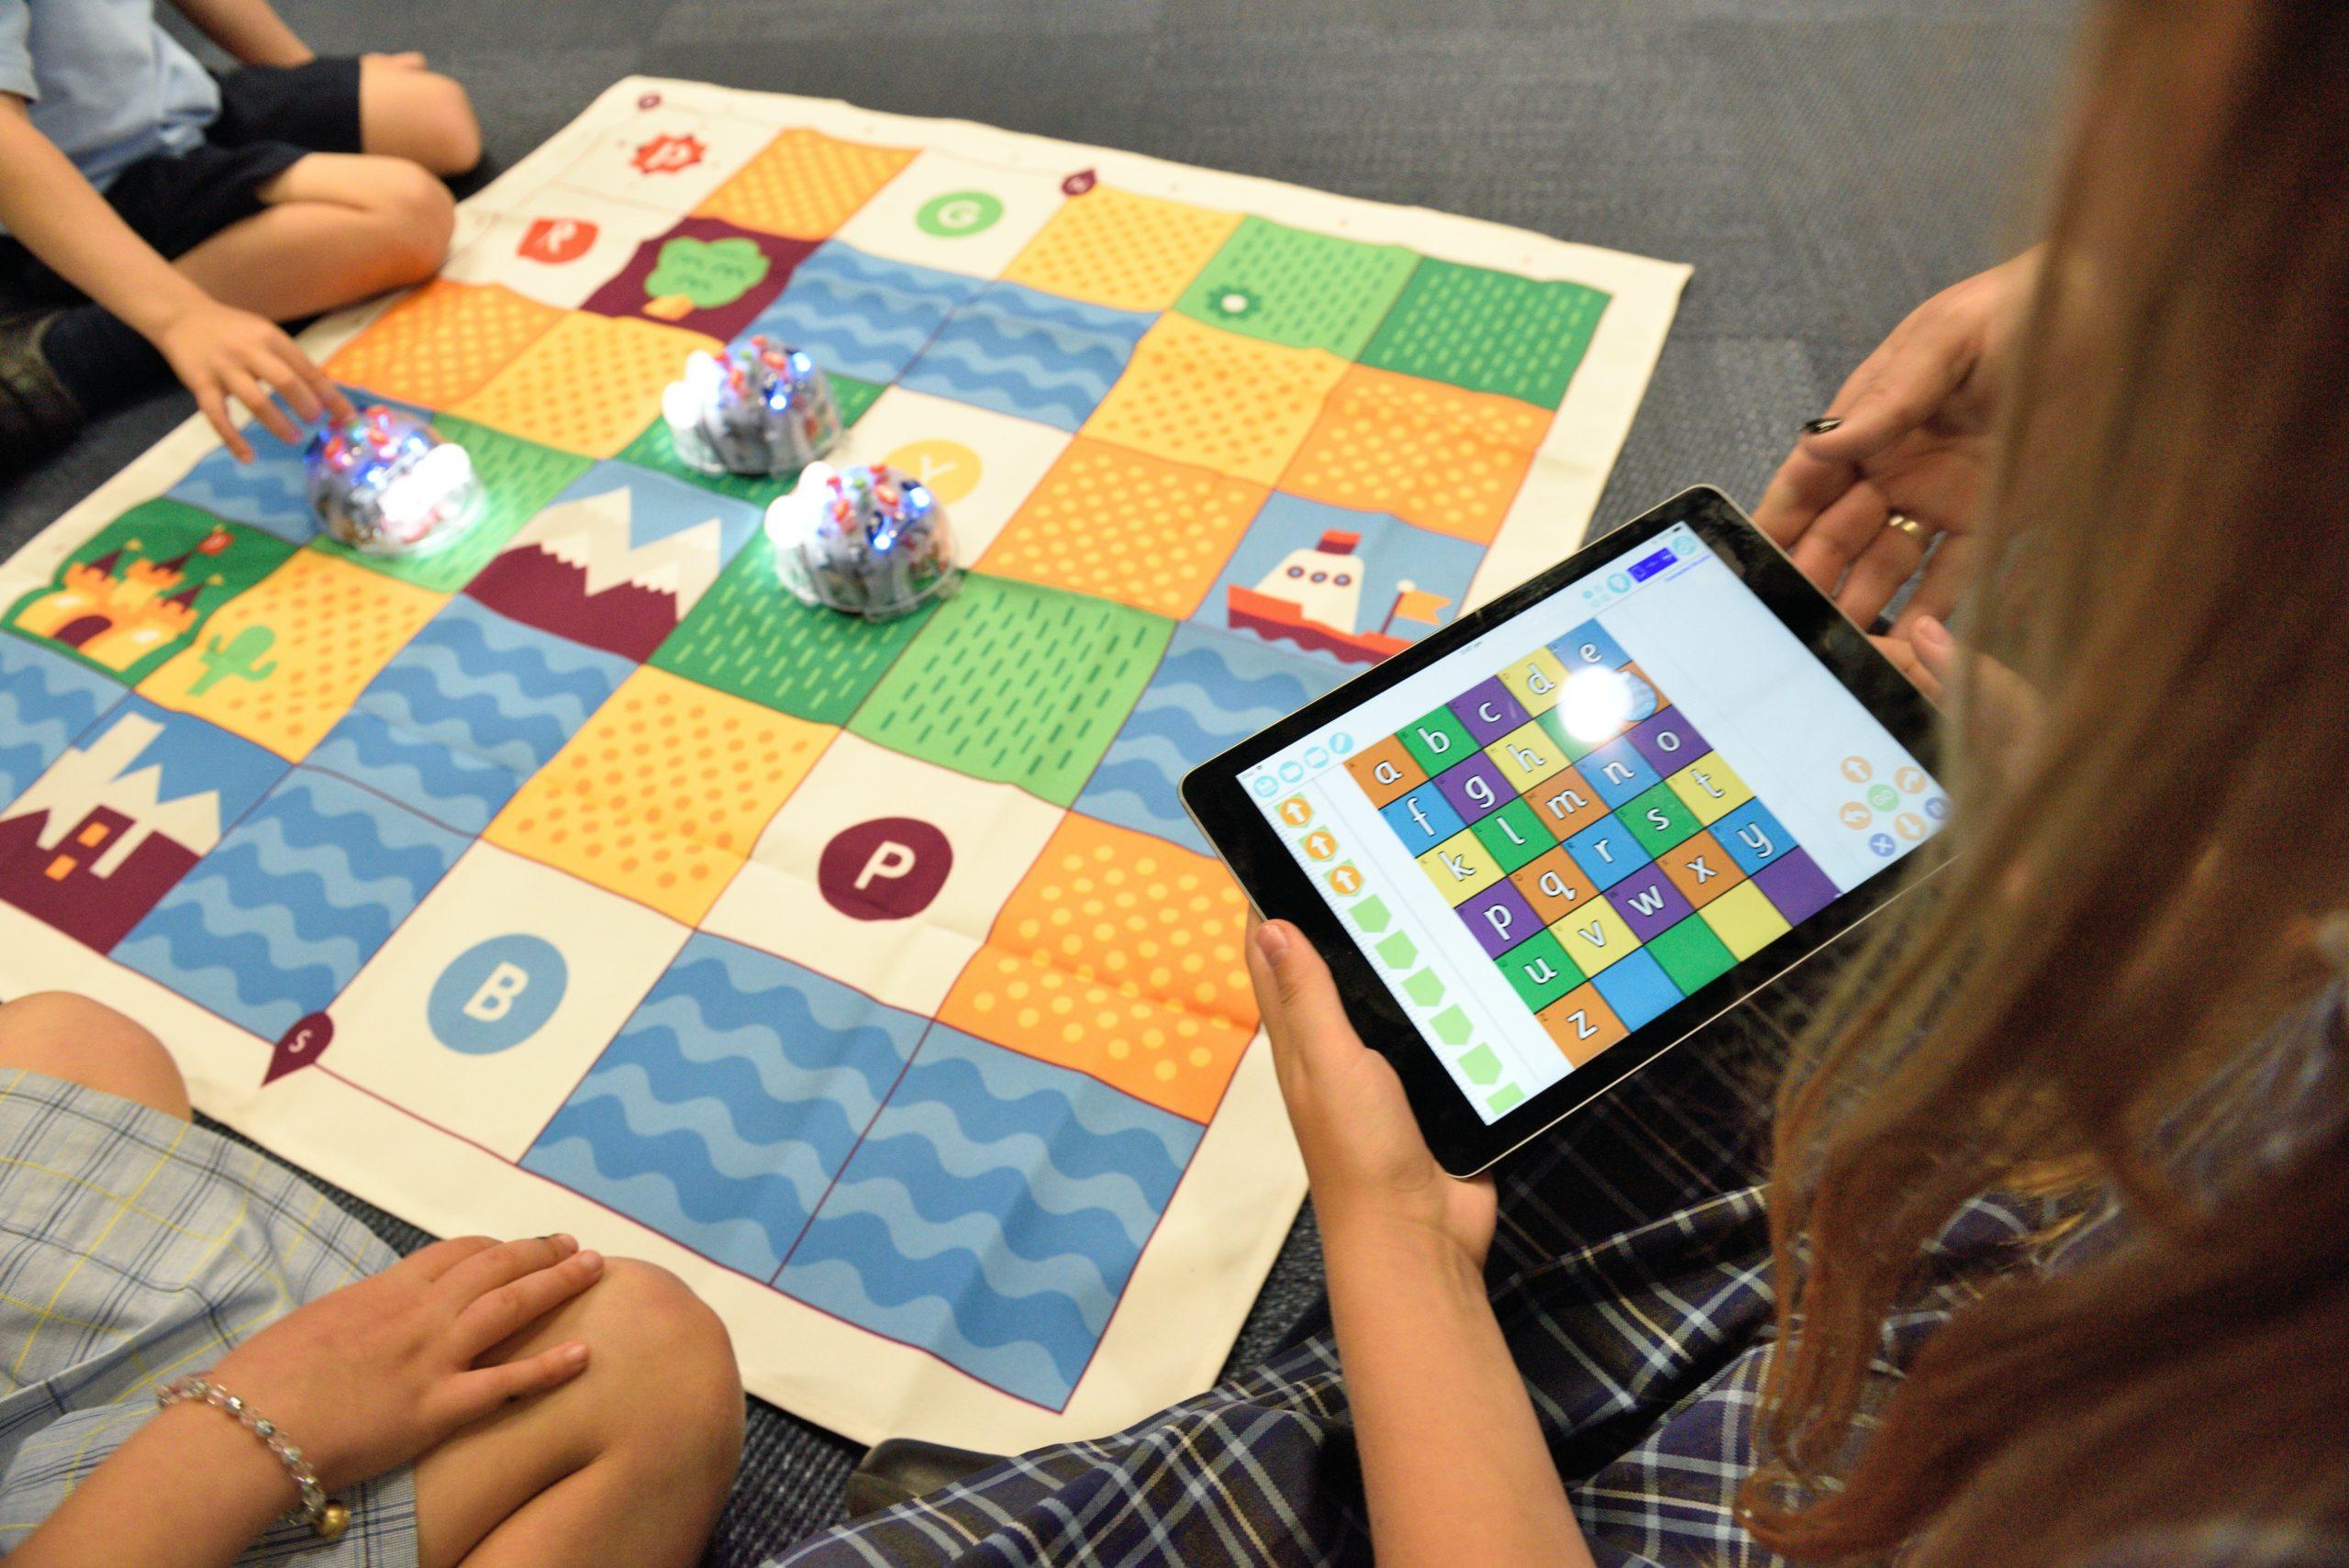 ZfL_LM_Planung Ihrer digitalen Unterrichtssequenz im Praxissemester